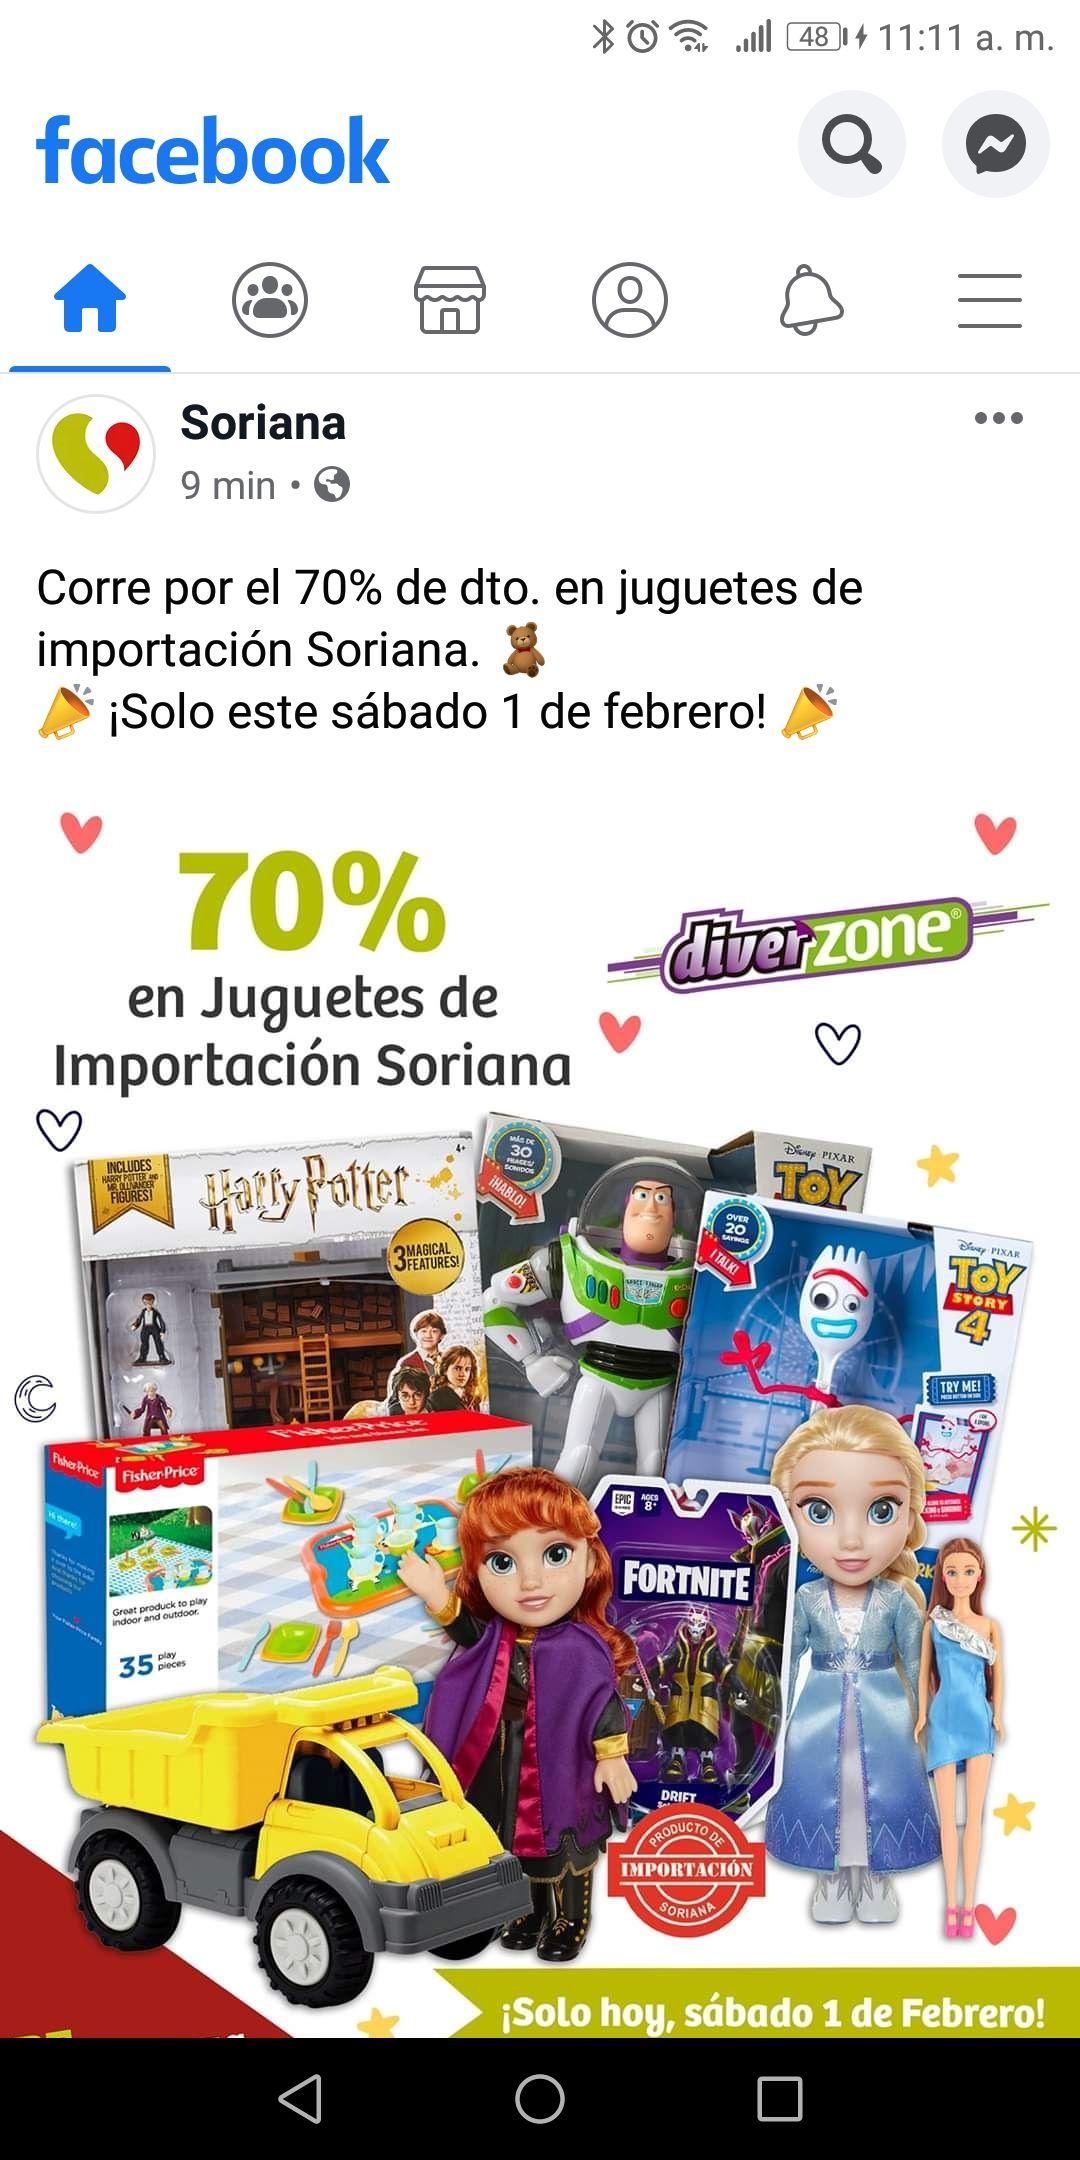 Soriana: 70% de descuento en juguetes de importación